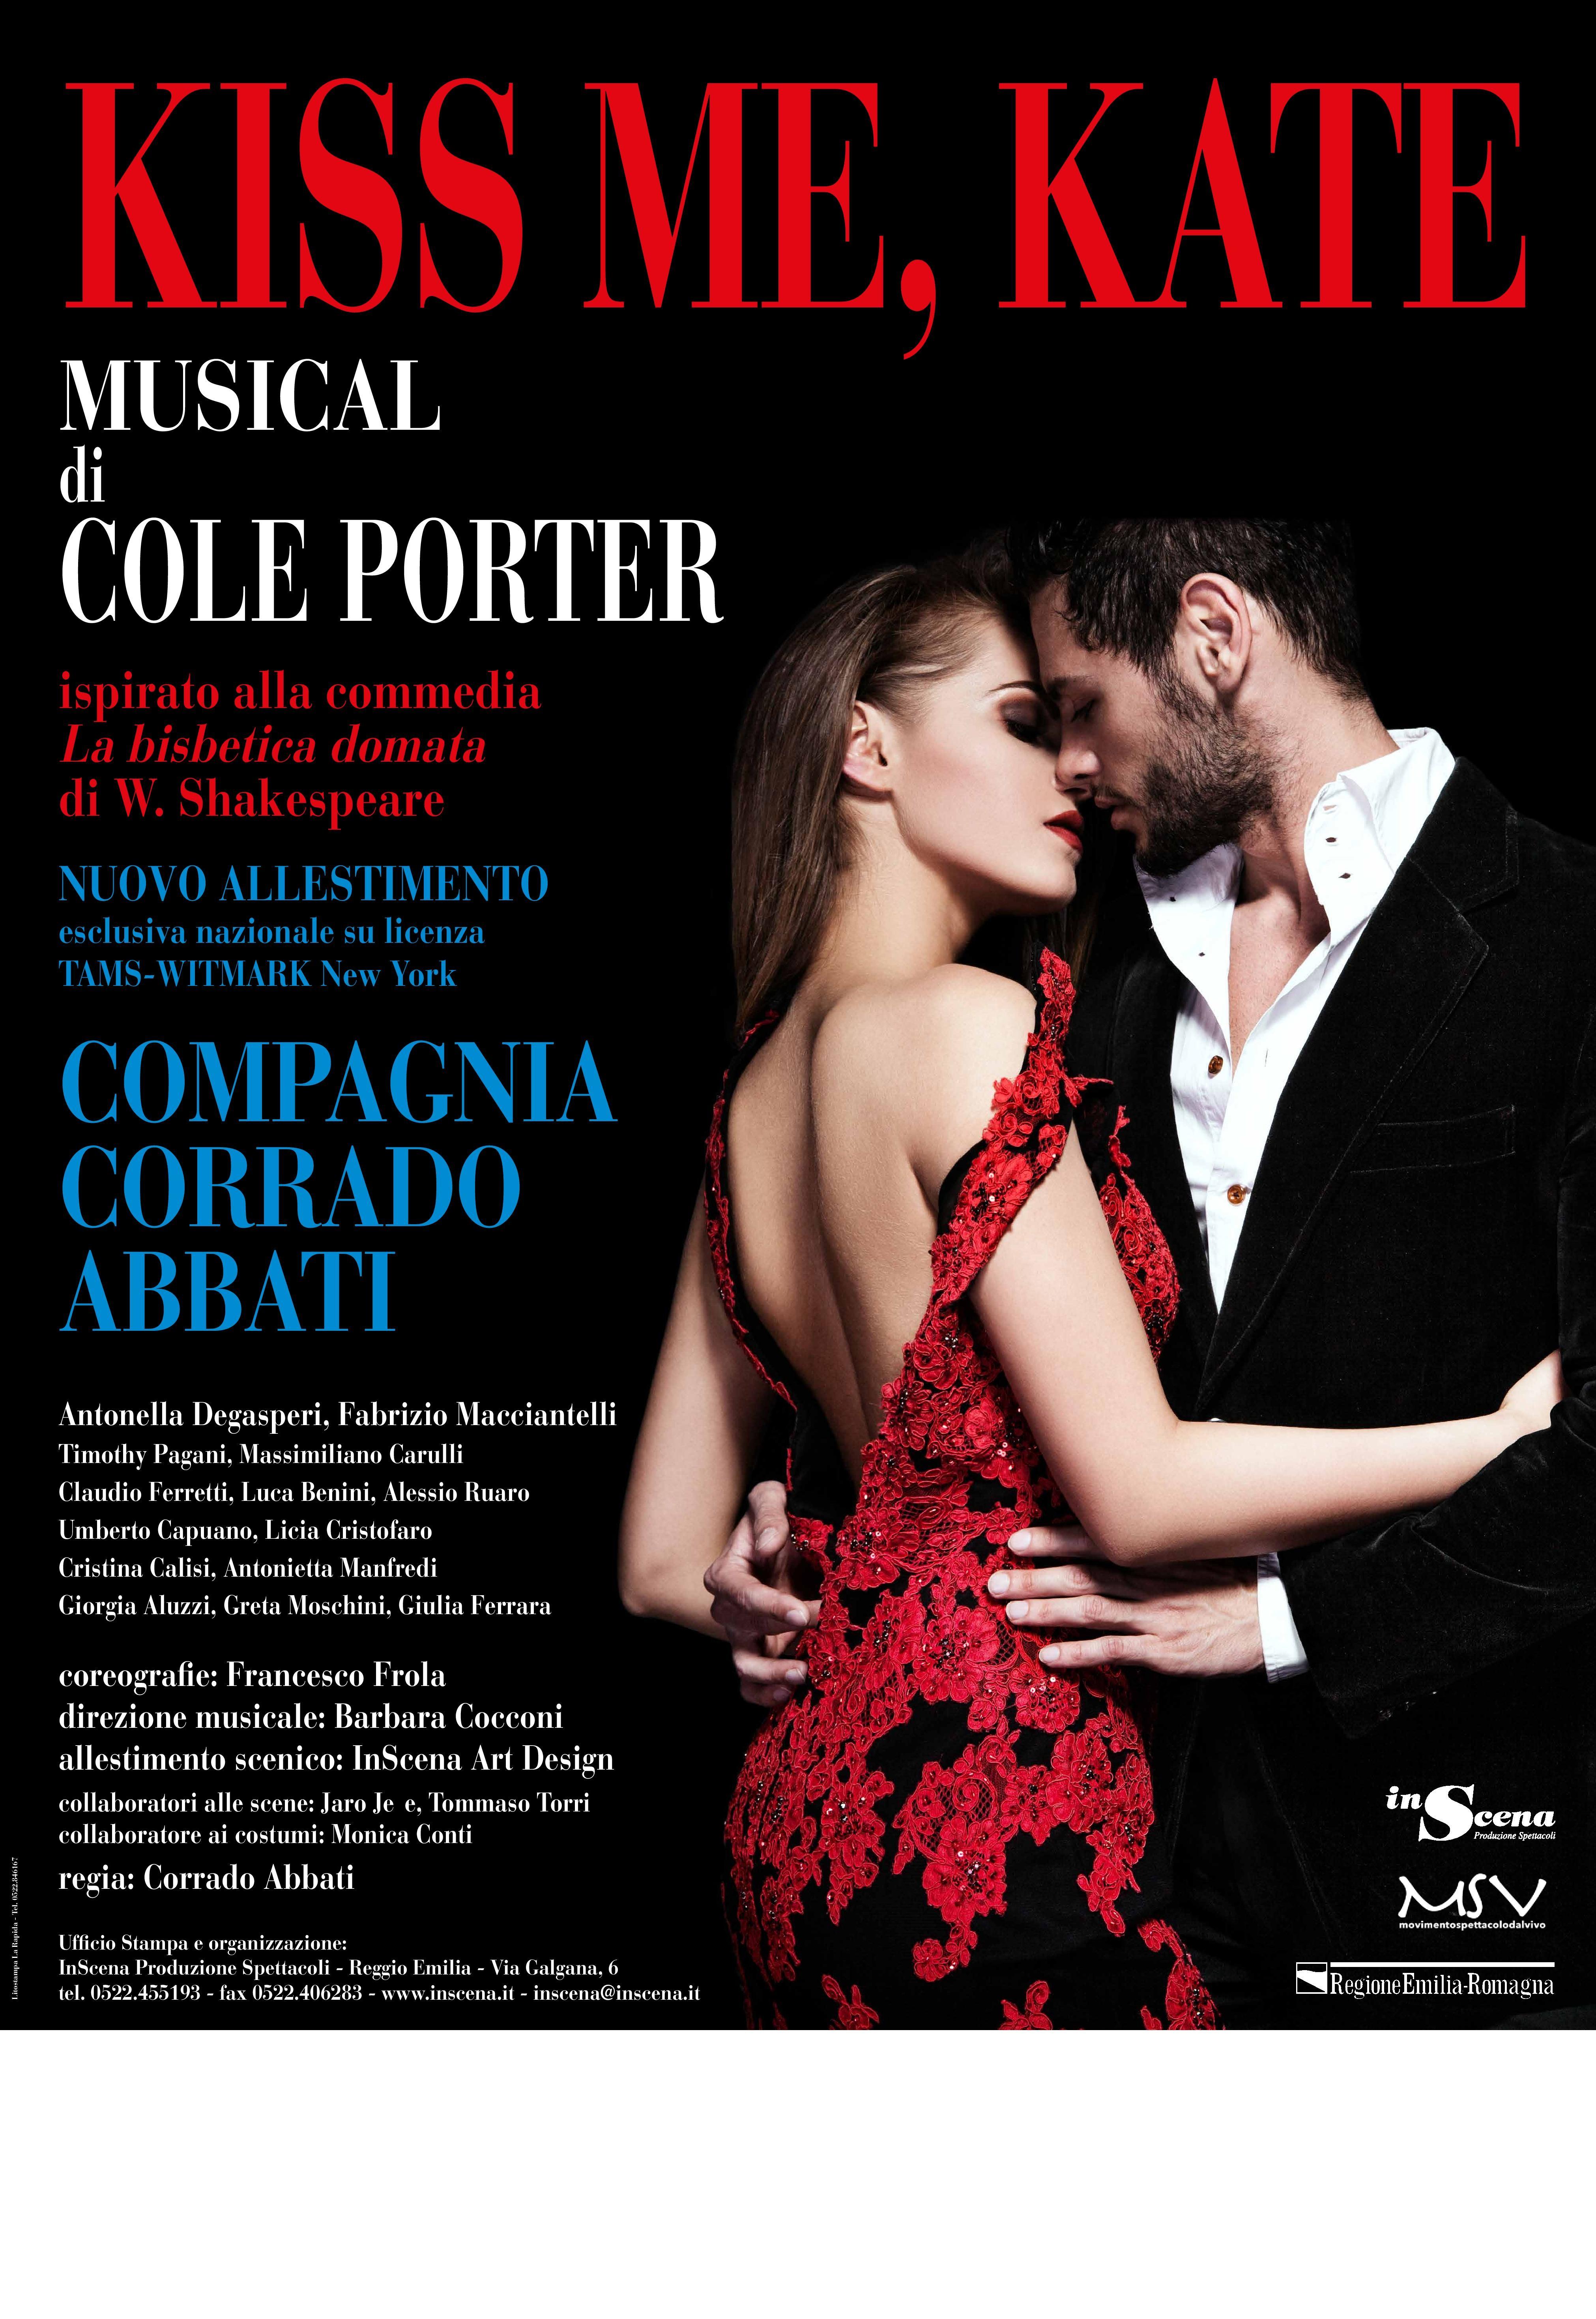 Kiss me, Kate  musical di Cole Porter con la Compagnia Corrado Abbati